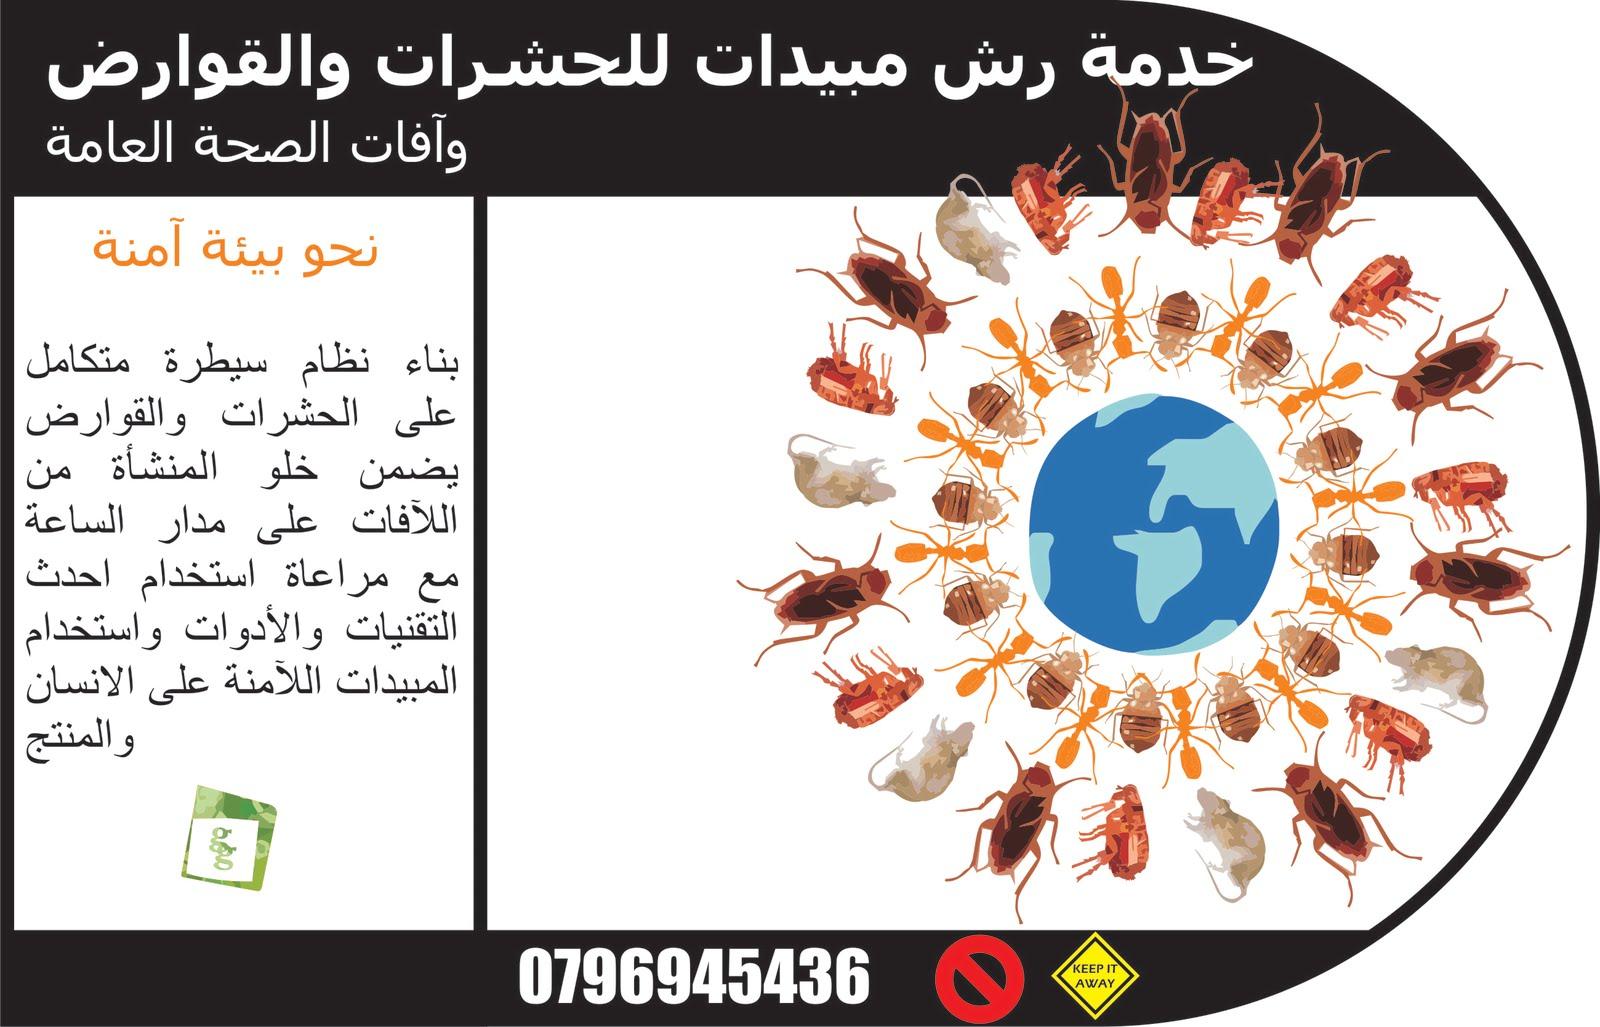 مكافحة الحشرات و القوارض و آفات الصحة